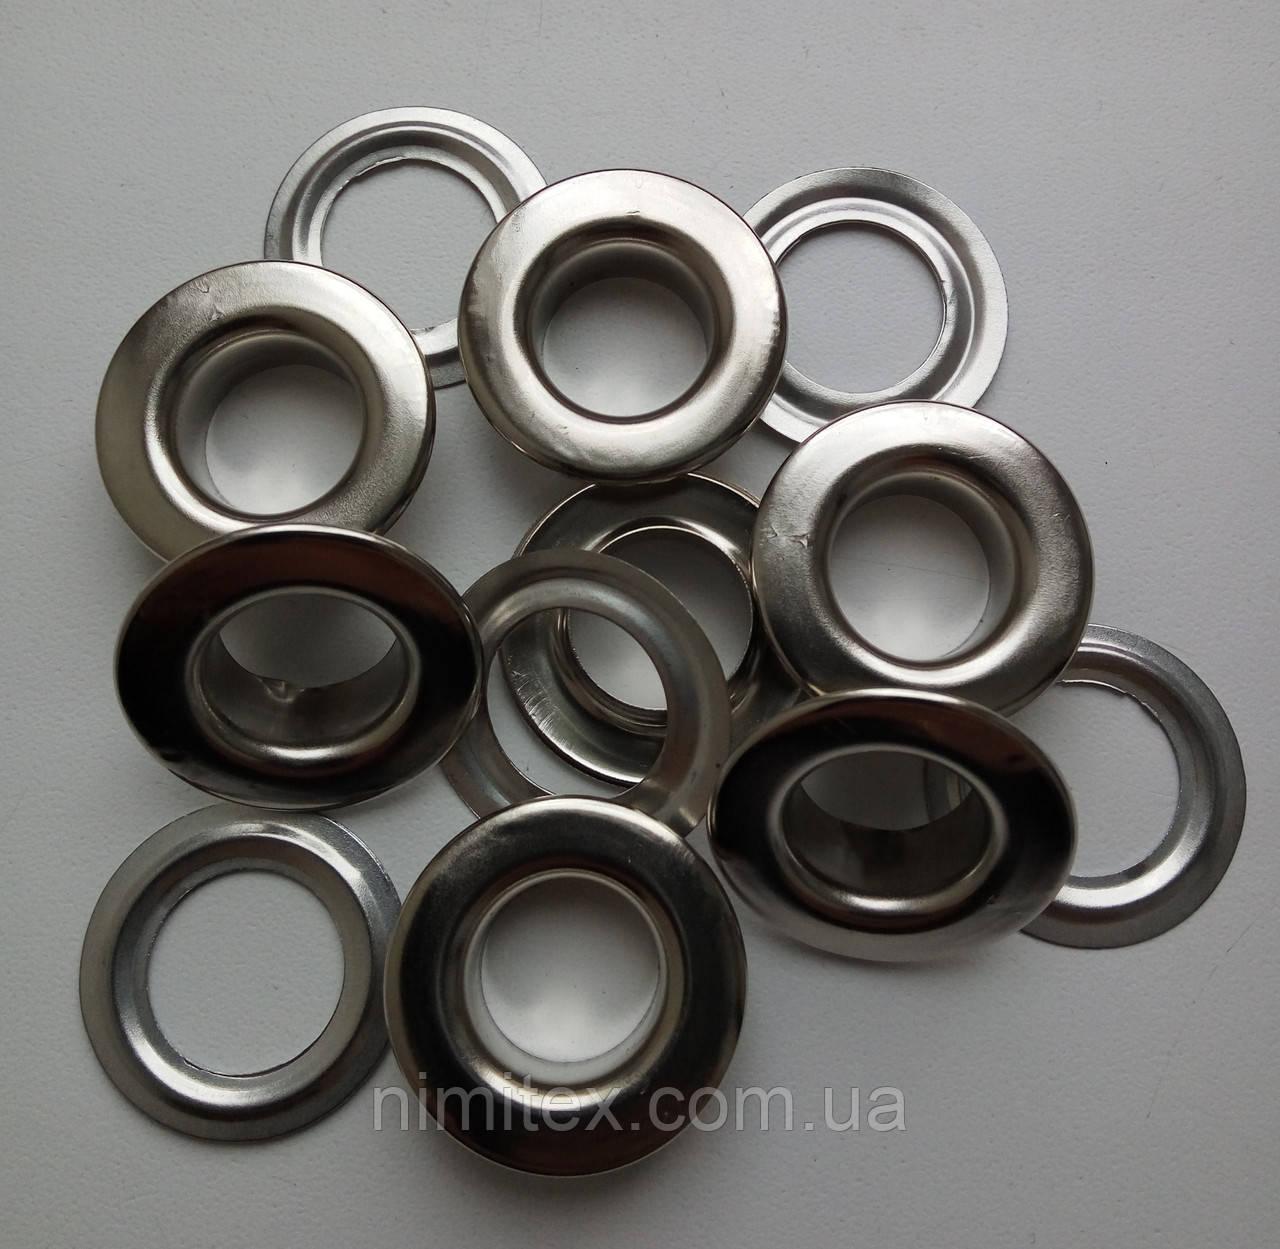 Люверс №28 - 13 мм (с шайбой) нержавеющий никель